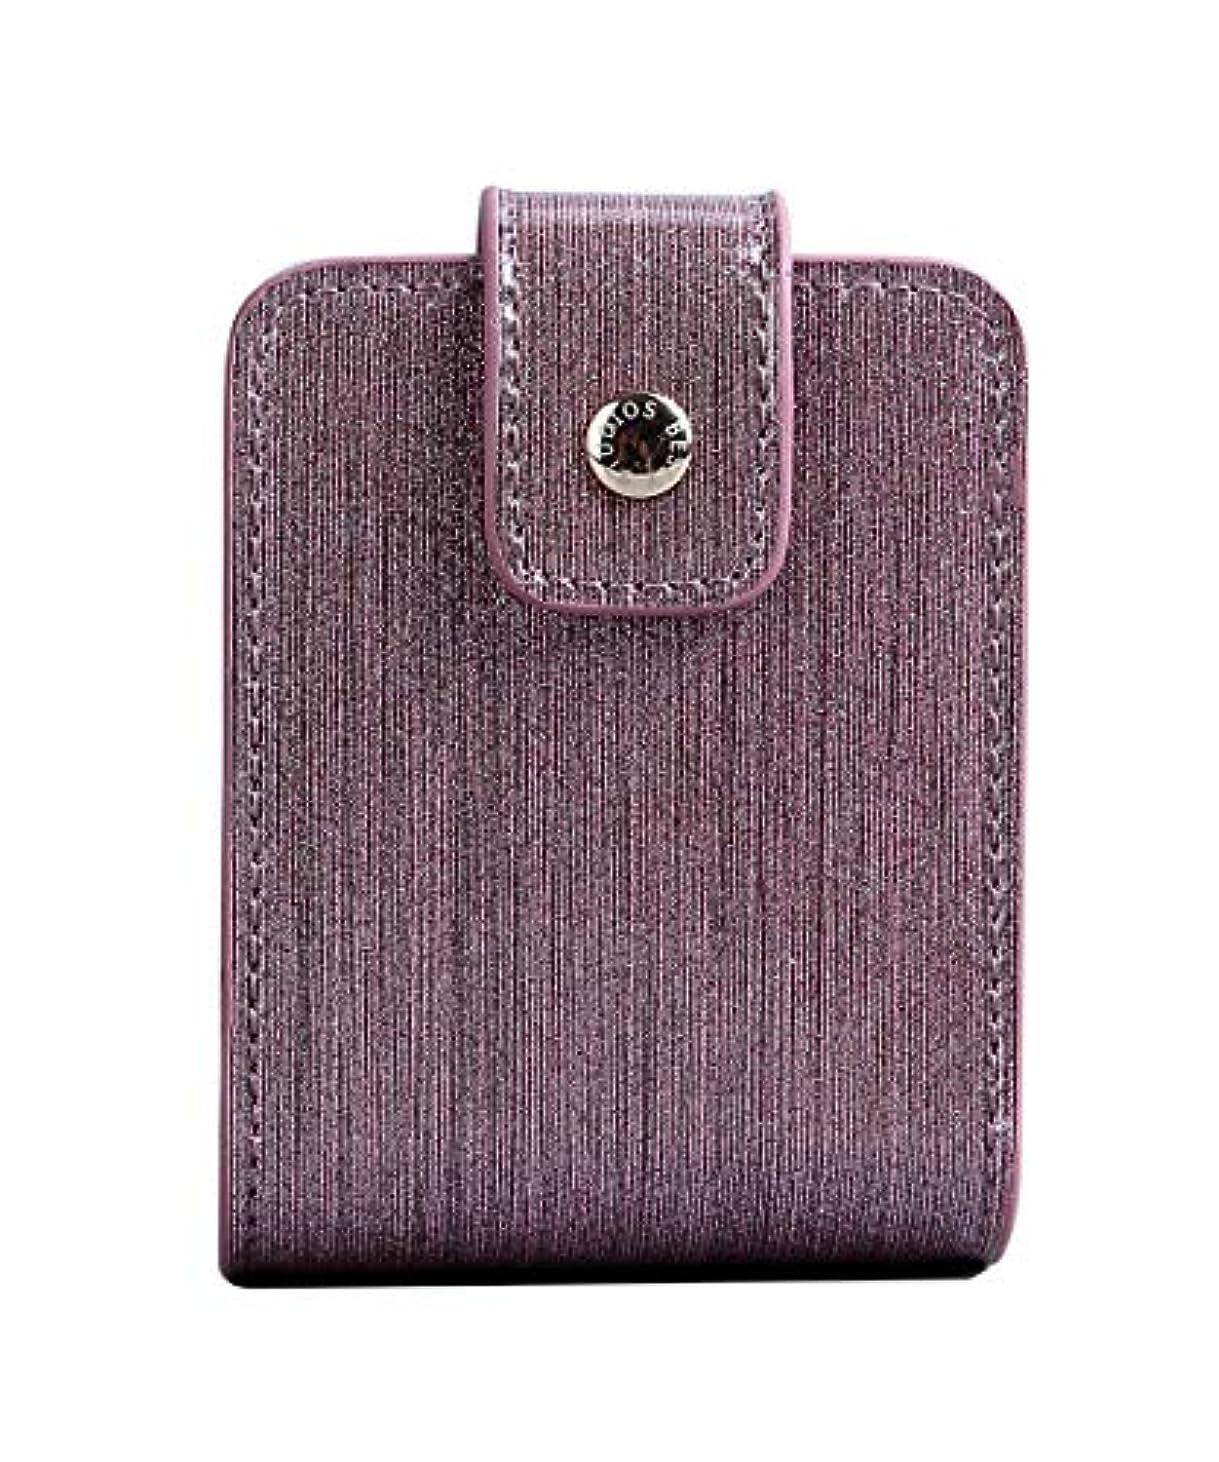 解説採用するグラスBESLY 女性用リップ化粧ポーチリップを収納するミニサイズ携帯しやすい人工製薄い藤PU革